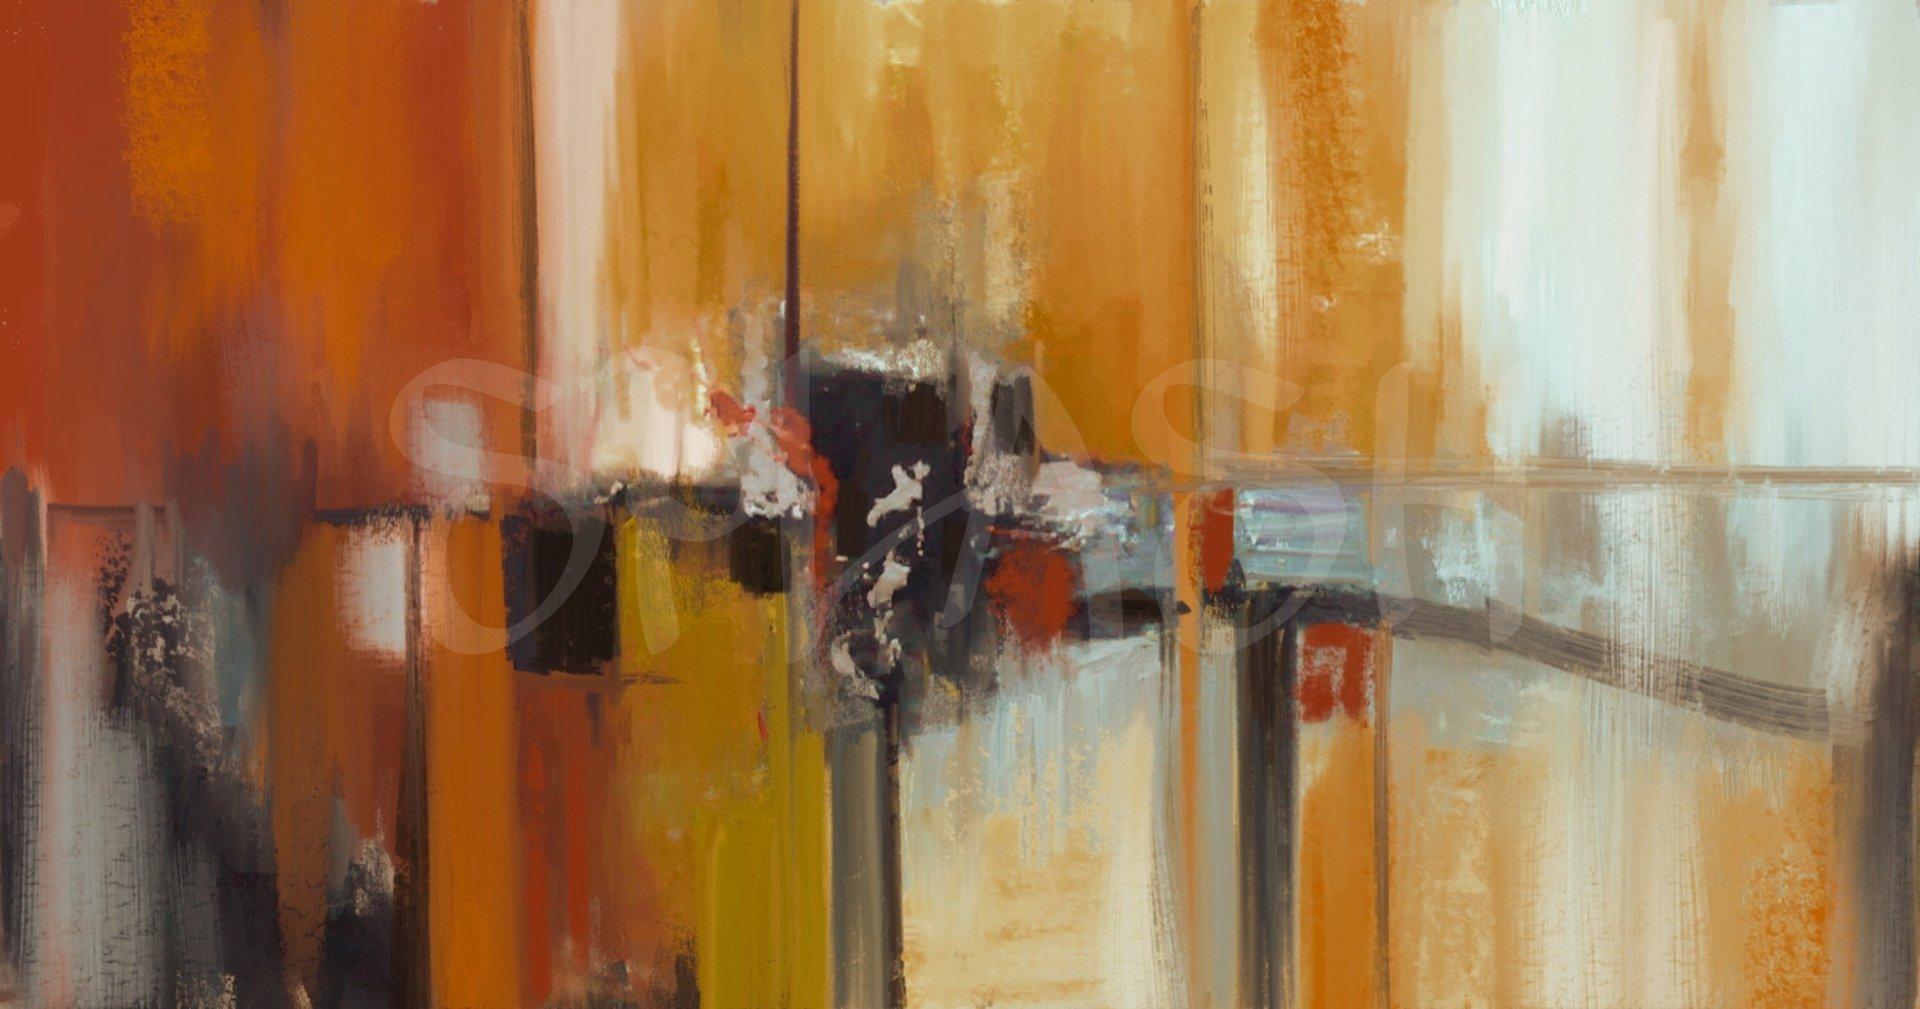 Cuadros abstractos colores ocres c lidos texturas cuadros modernos splash salones y dormitorios - Cuadros juveniles modernos ...